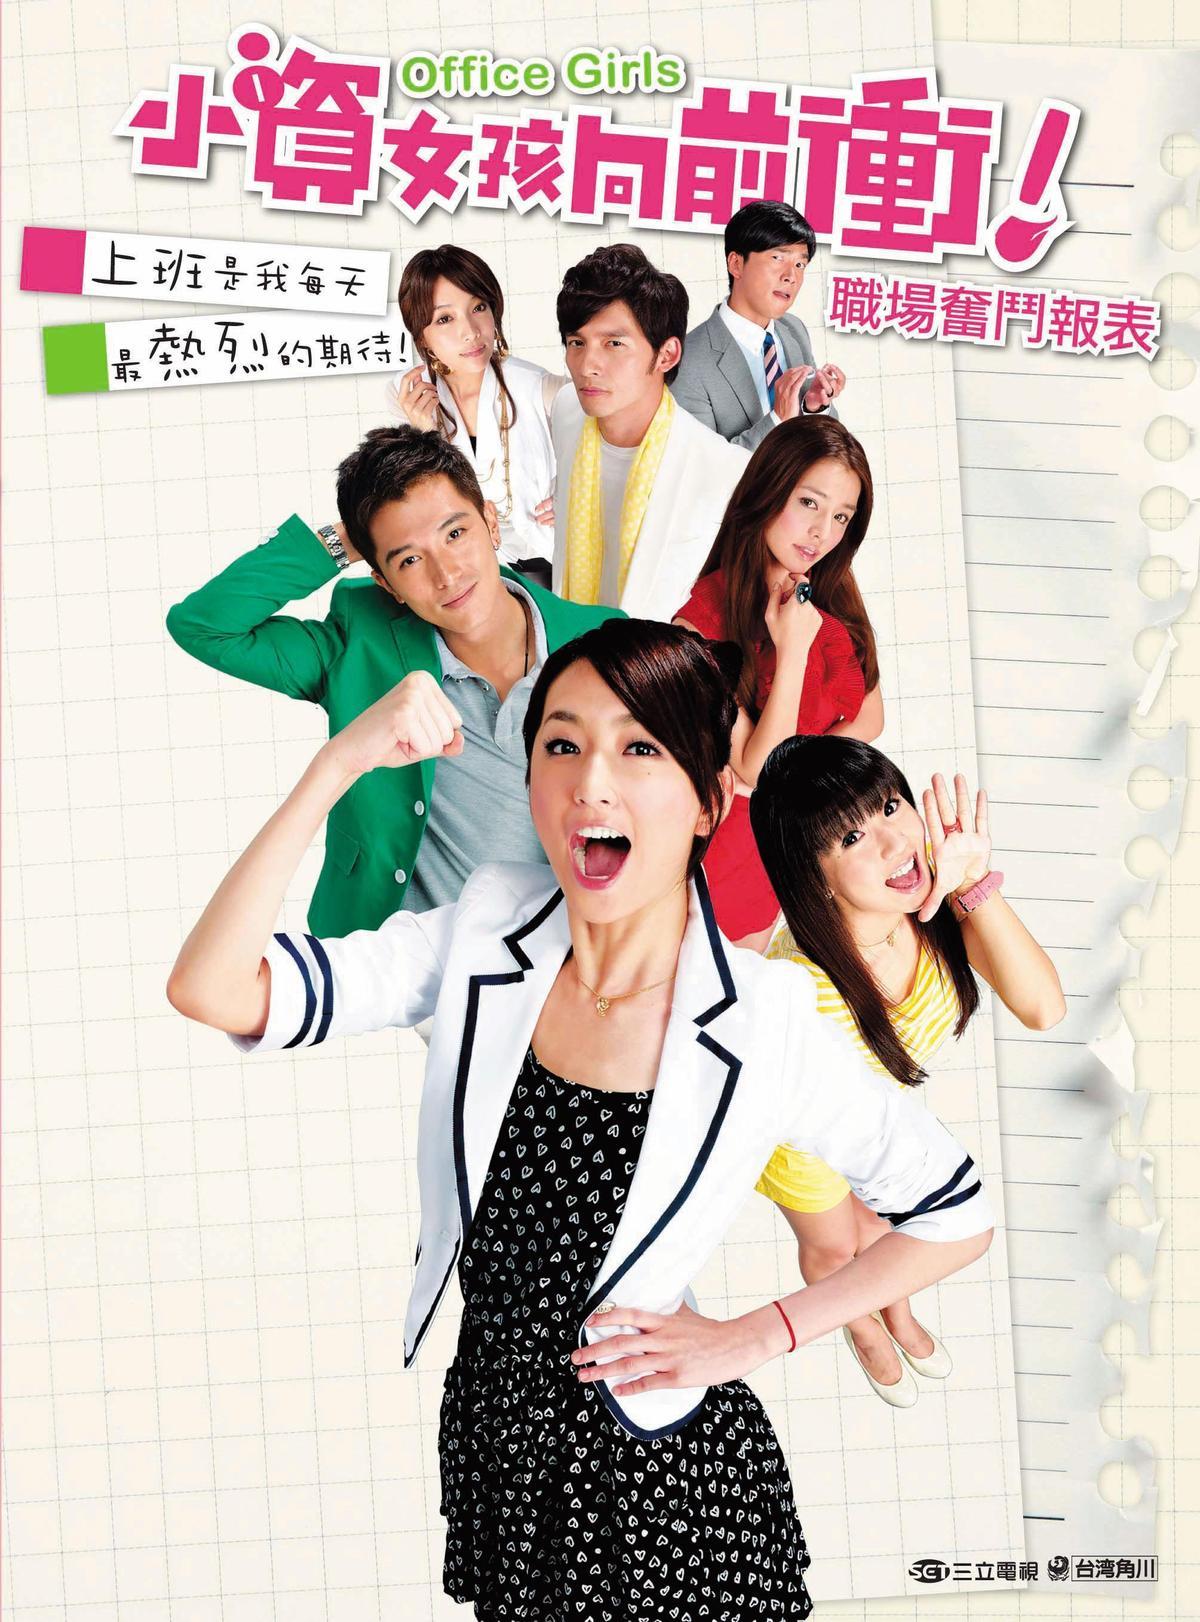 偶像劇《小資女孩向前衝》由柯佳嬿等人領銜主演,全劇25集,創下極高收視率。(昇華娛樂)